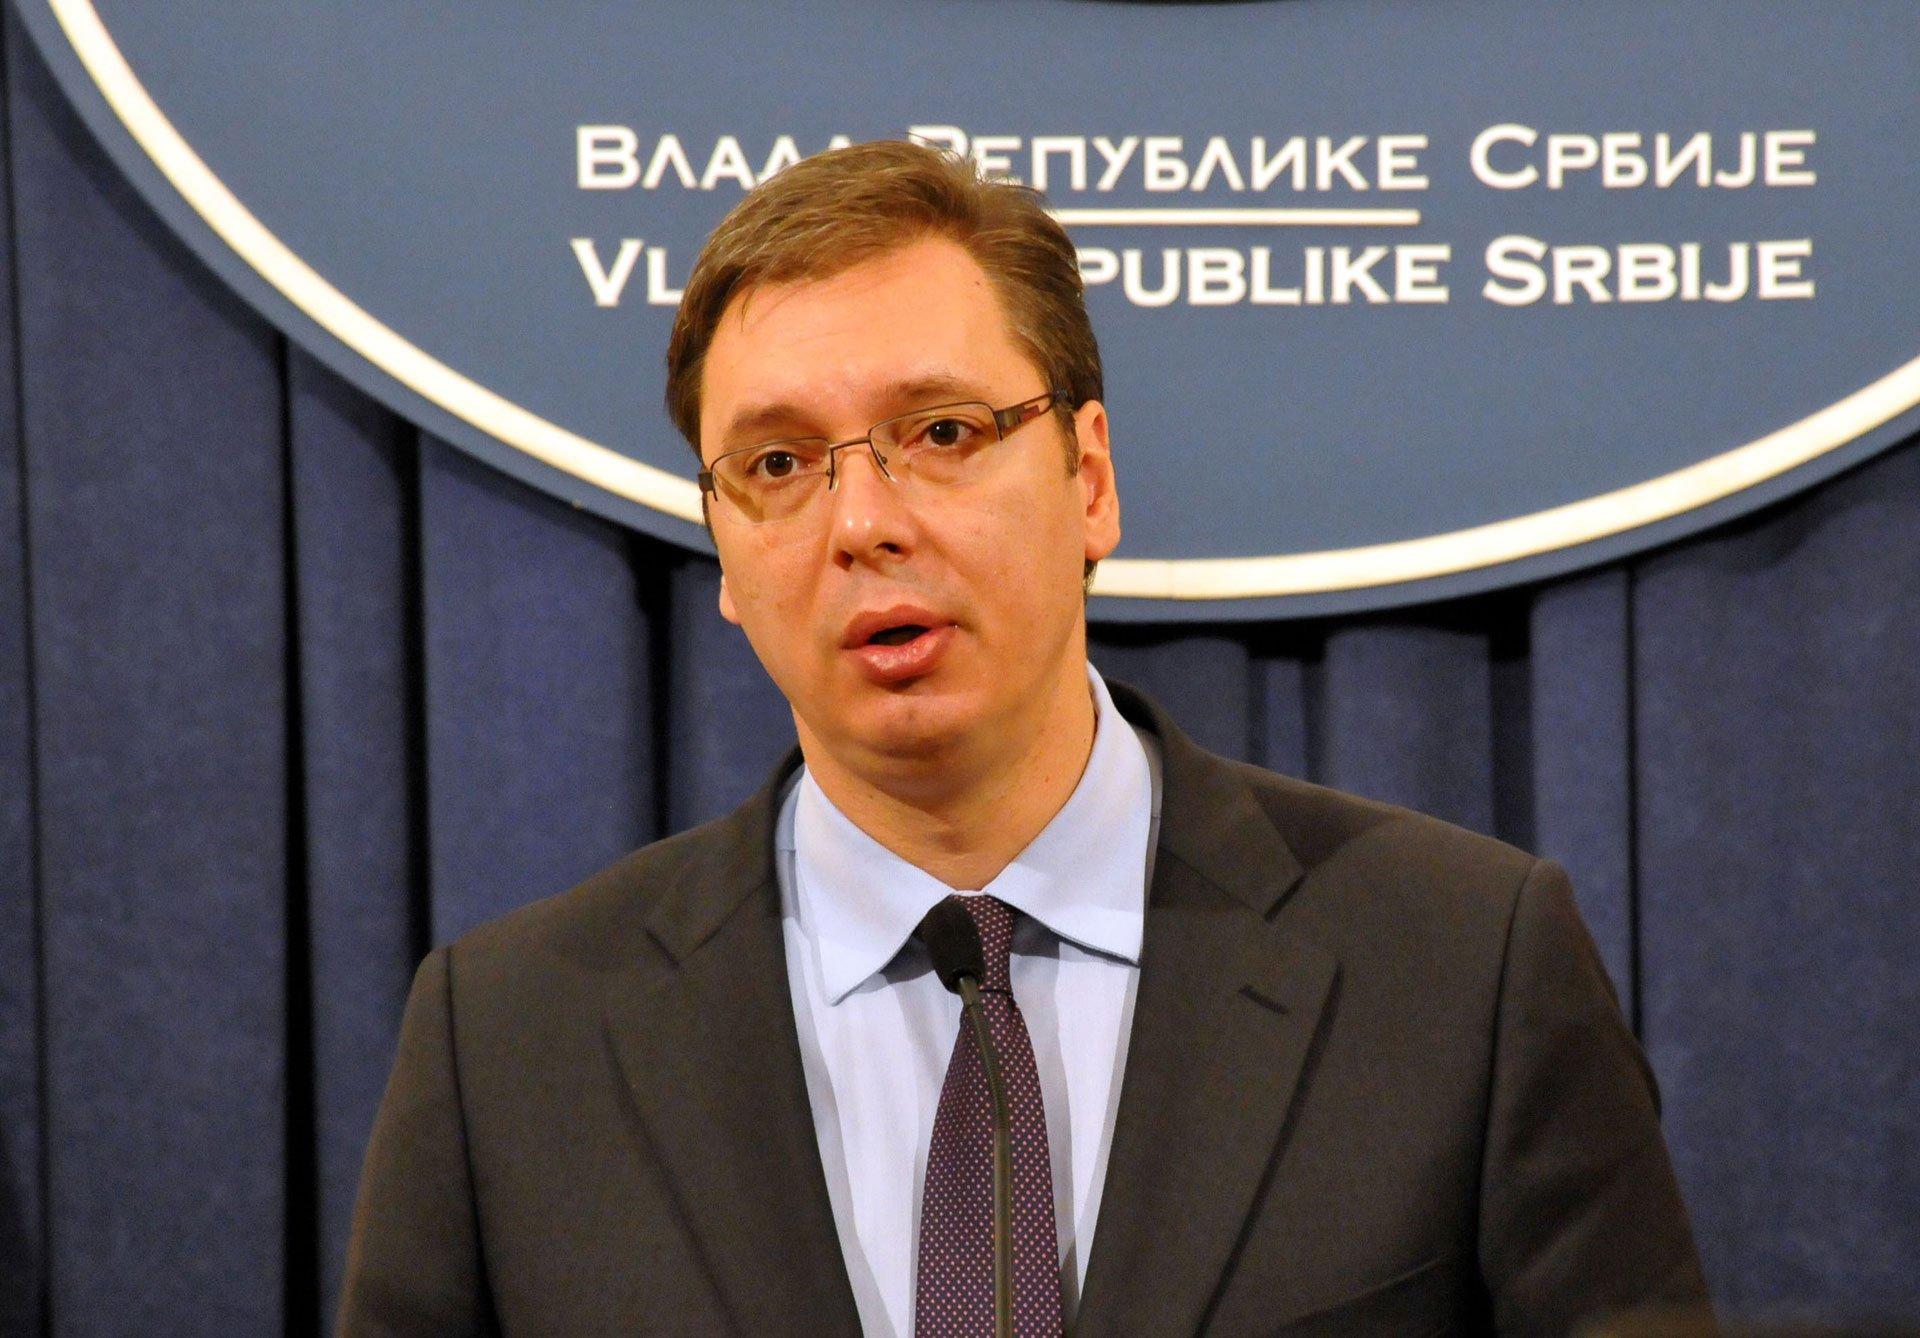 Konferencija za medije Aleksandra Vučića: neka građani vrate prevarantske račine!